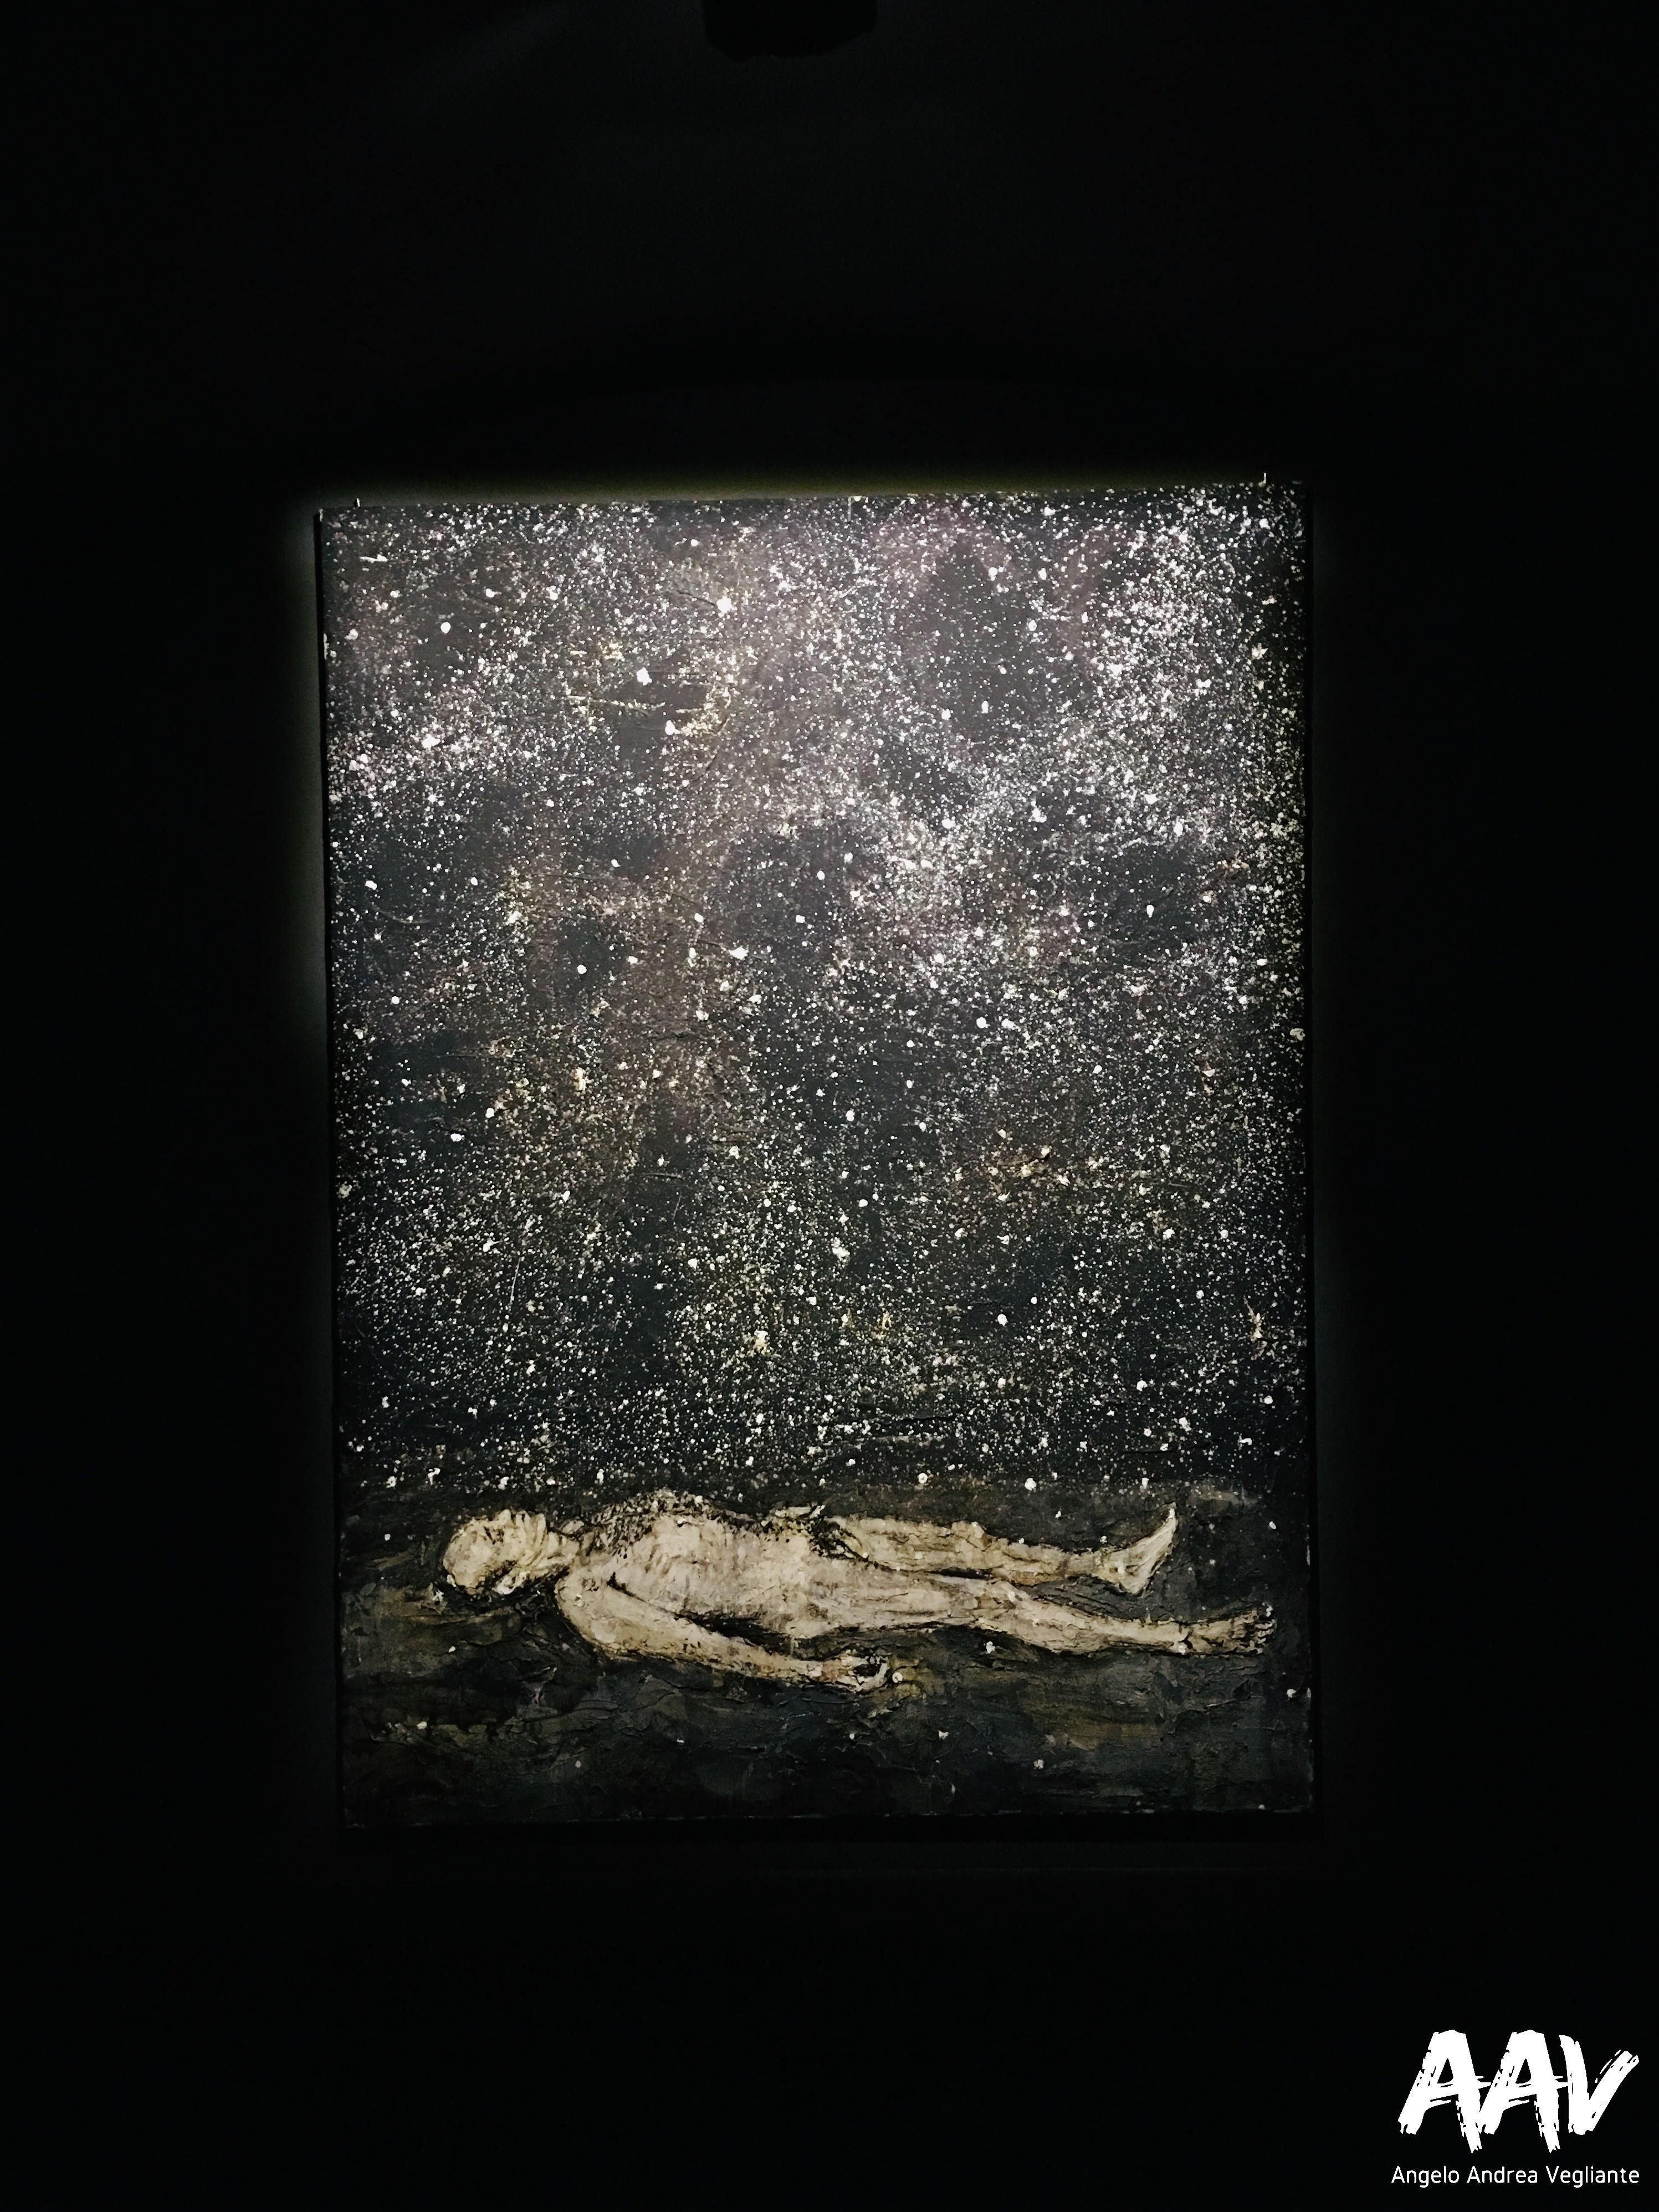 sogni-dream-angelo andrea vegliante-colui che veglia-dimensione onirica-quadro-chiostro del bramante-roma